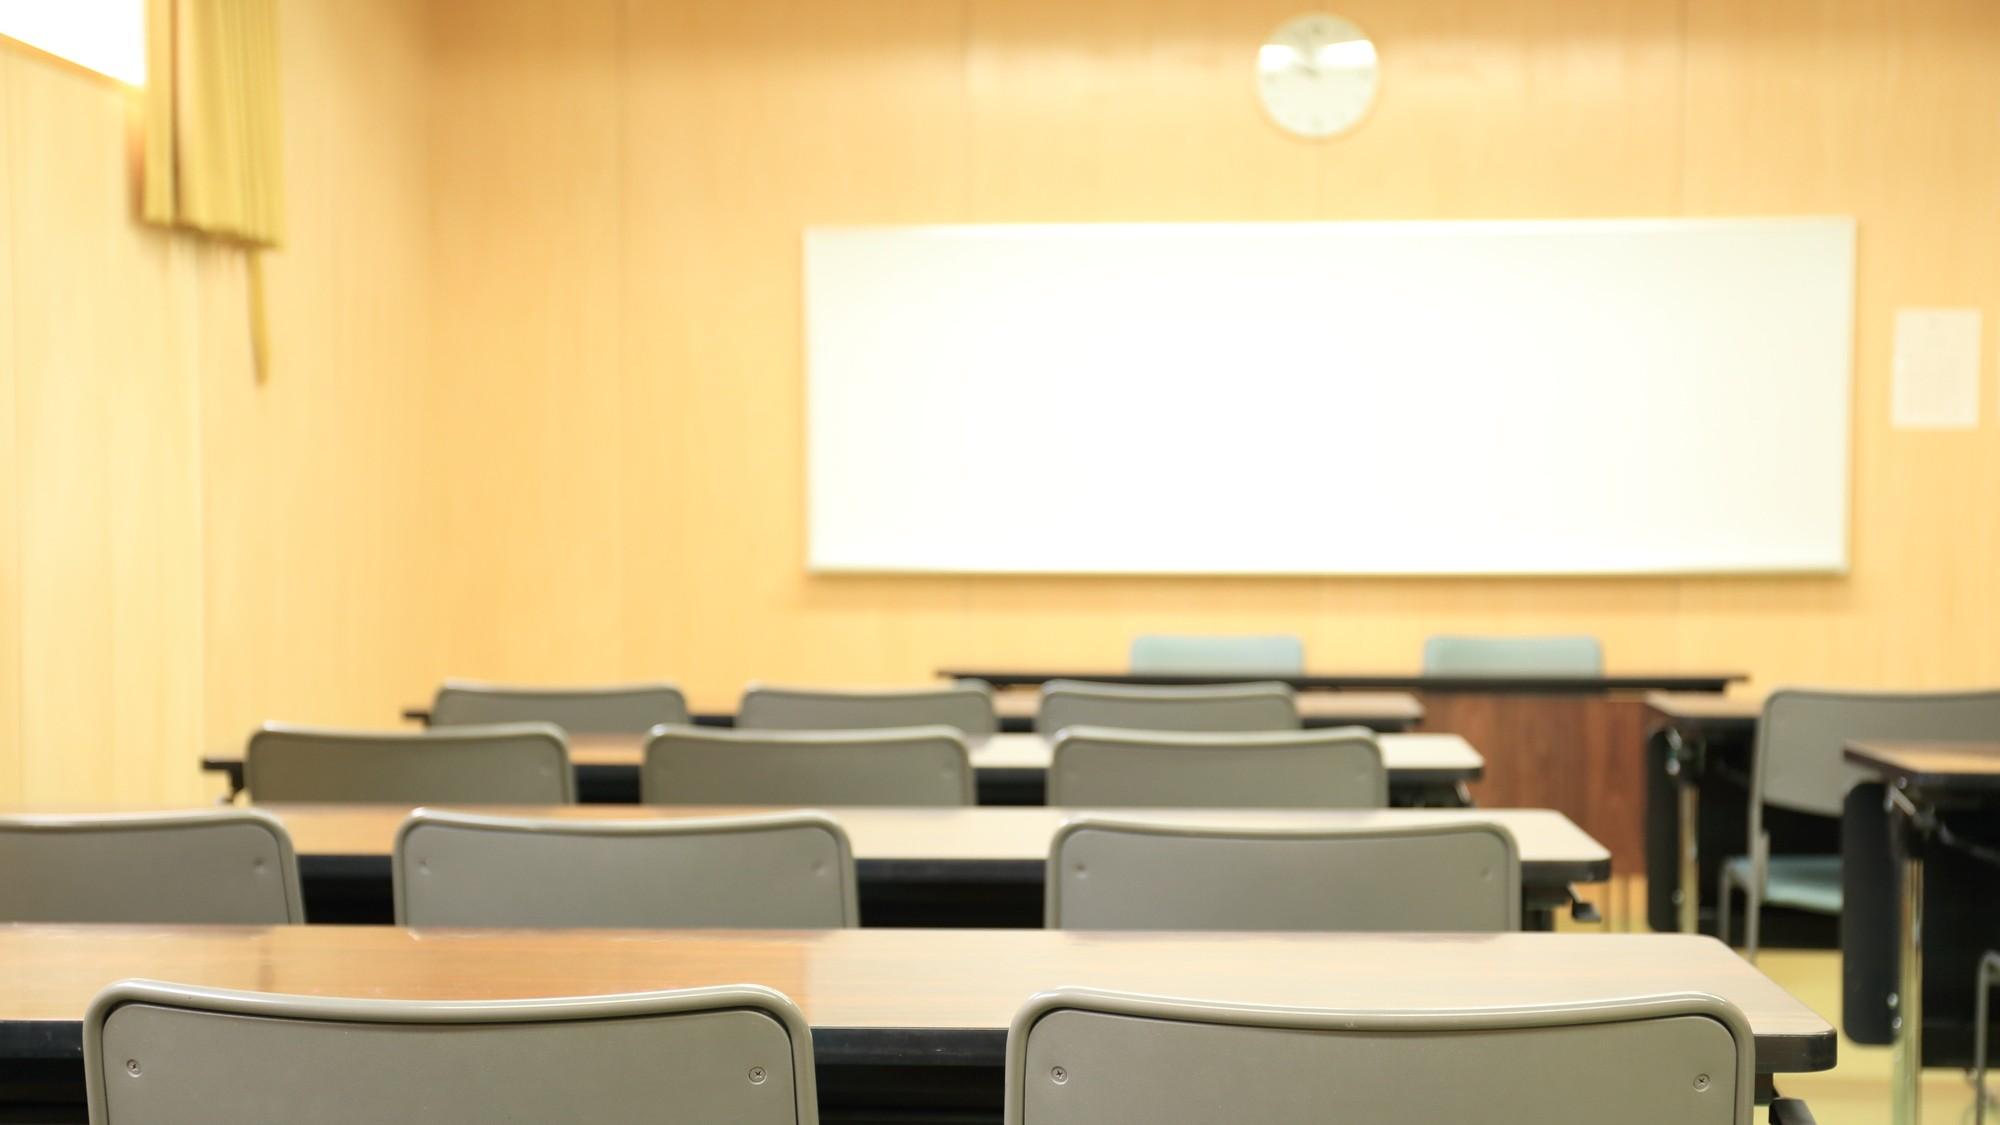 最近よく目にする「貸し会議室」は儲かるビジネスなのか?